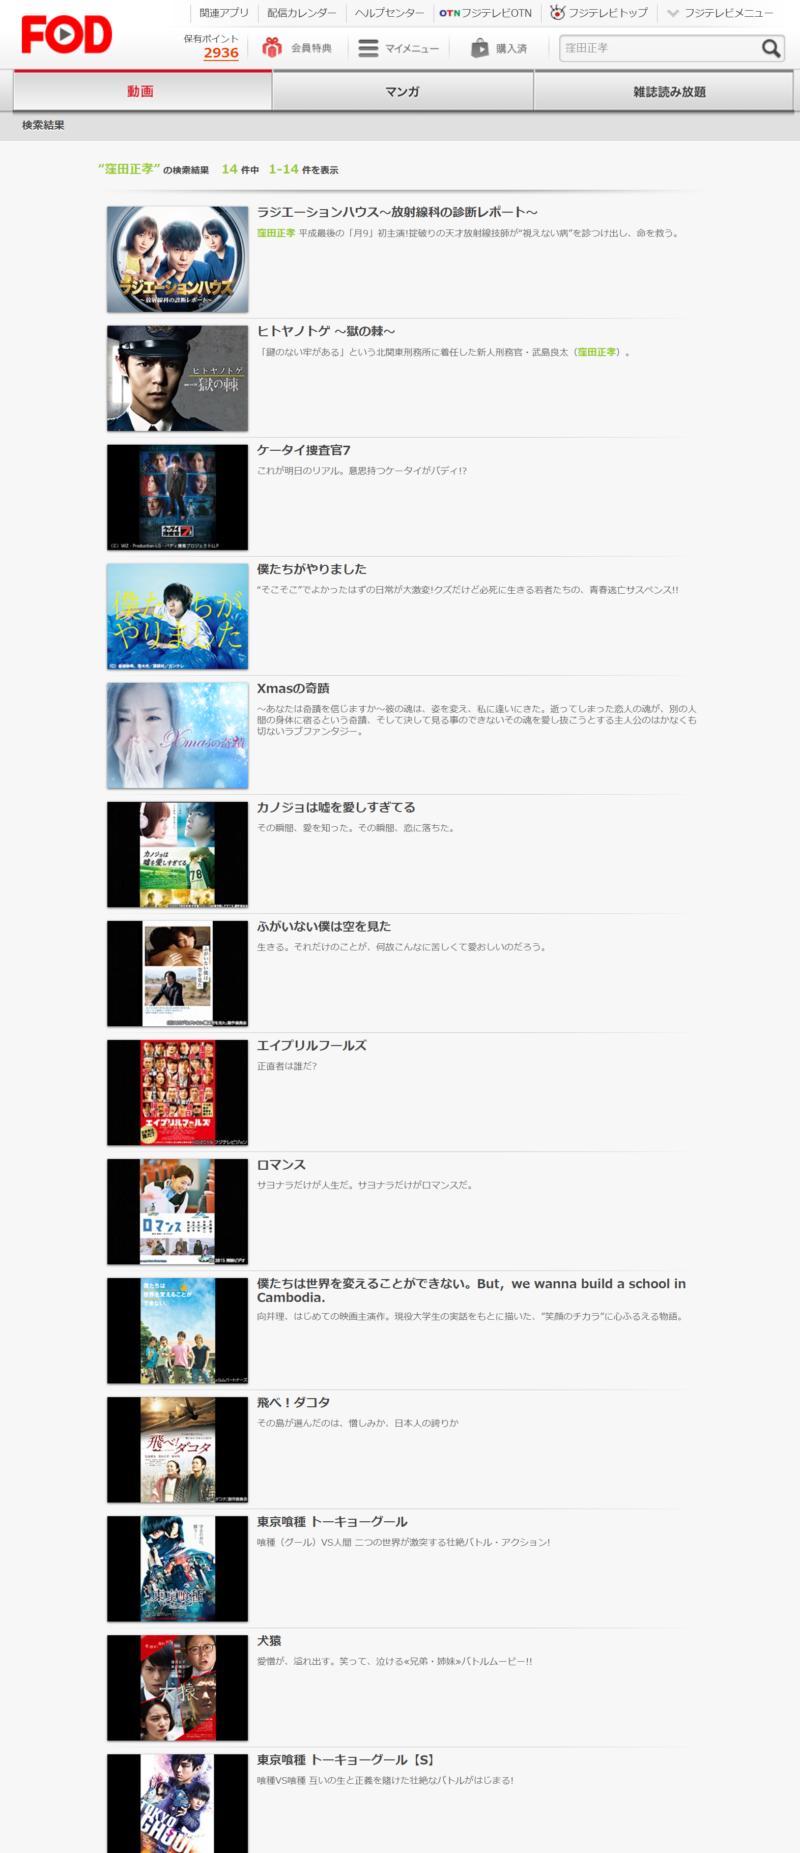 ラジエーションハウス窪田正孝の動画無料視聴方法